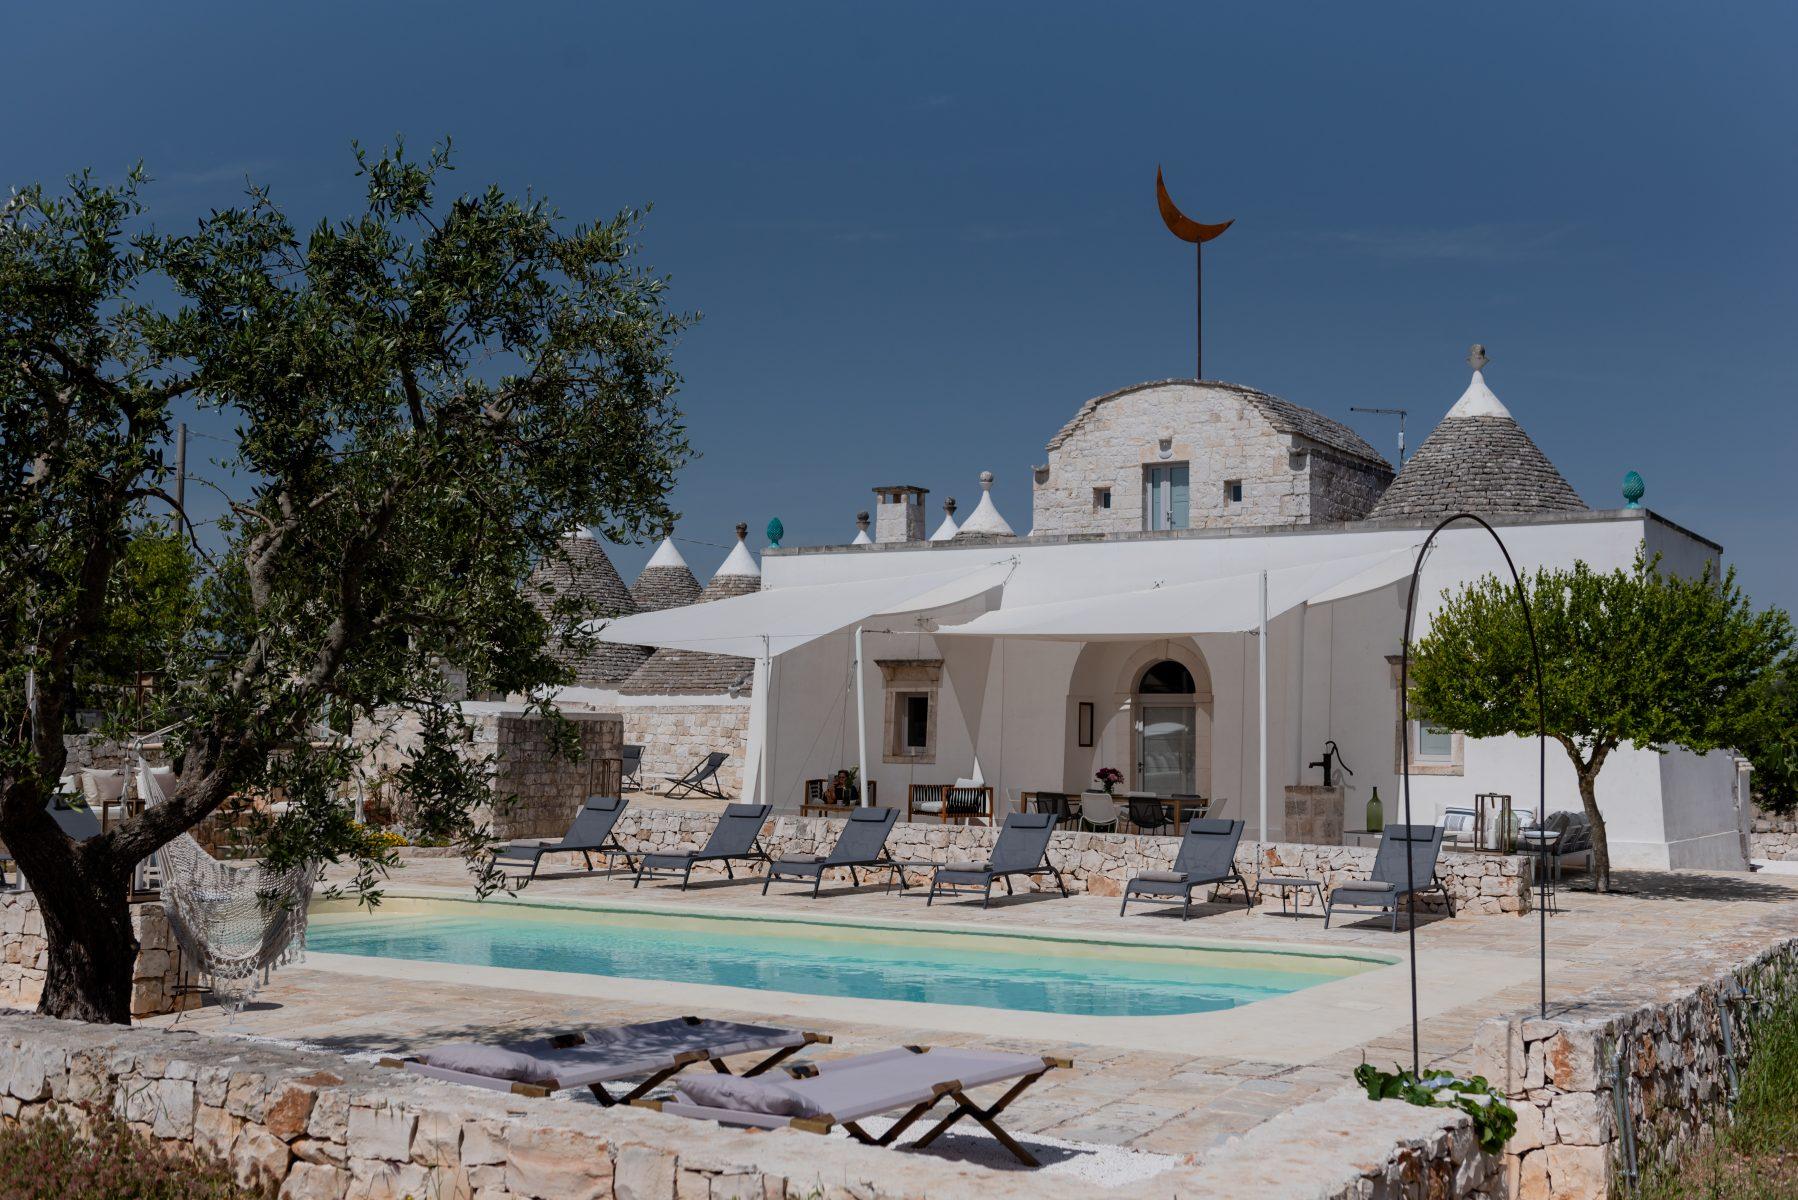 image 5 - outdoor - Dimora dei Gelsi Alberobello Puglia